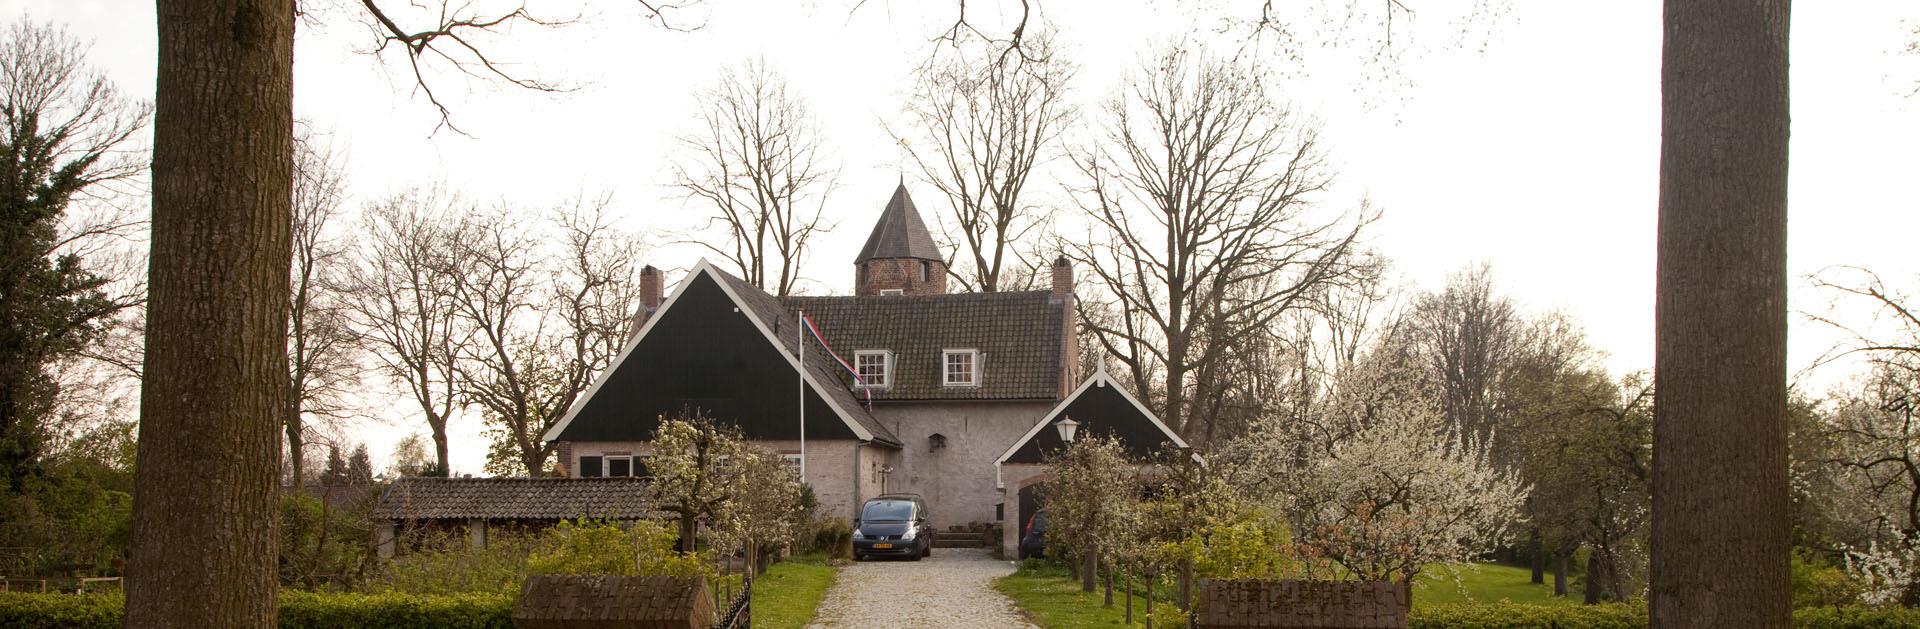 Huis Magerhorst - Duiven Regio Achterhoek - Liemers